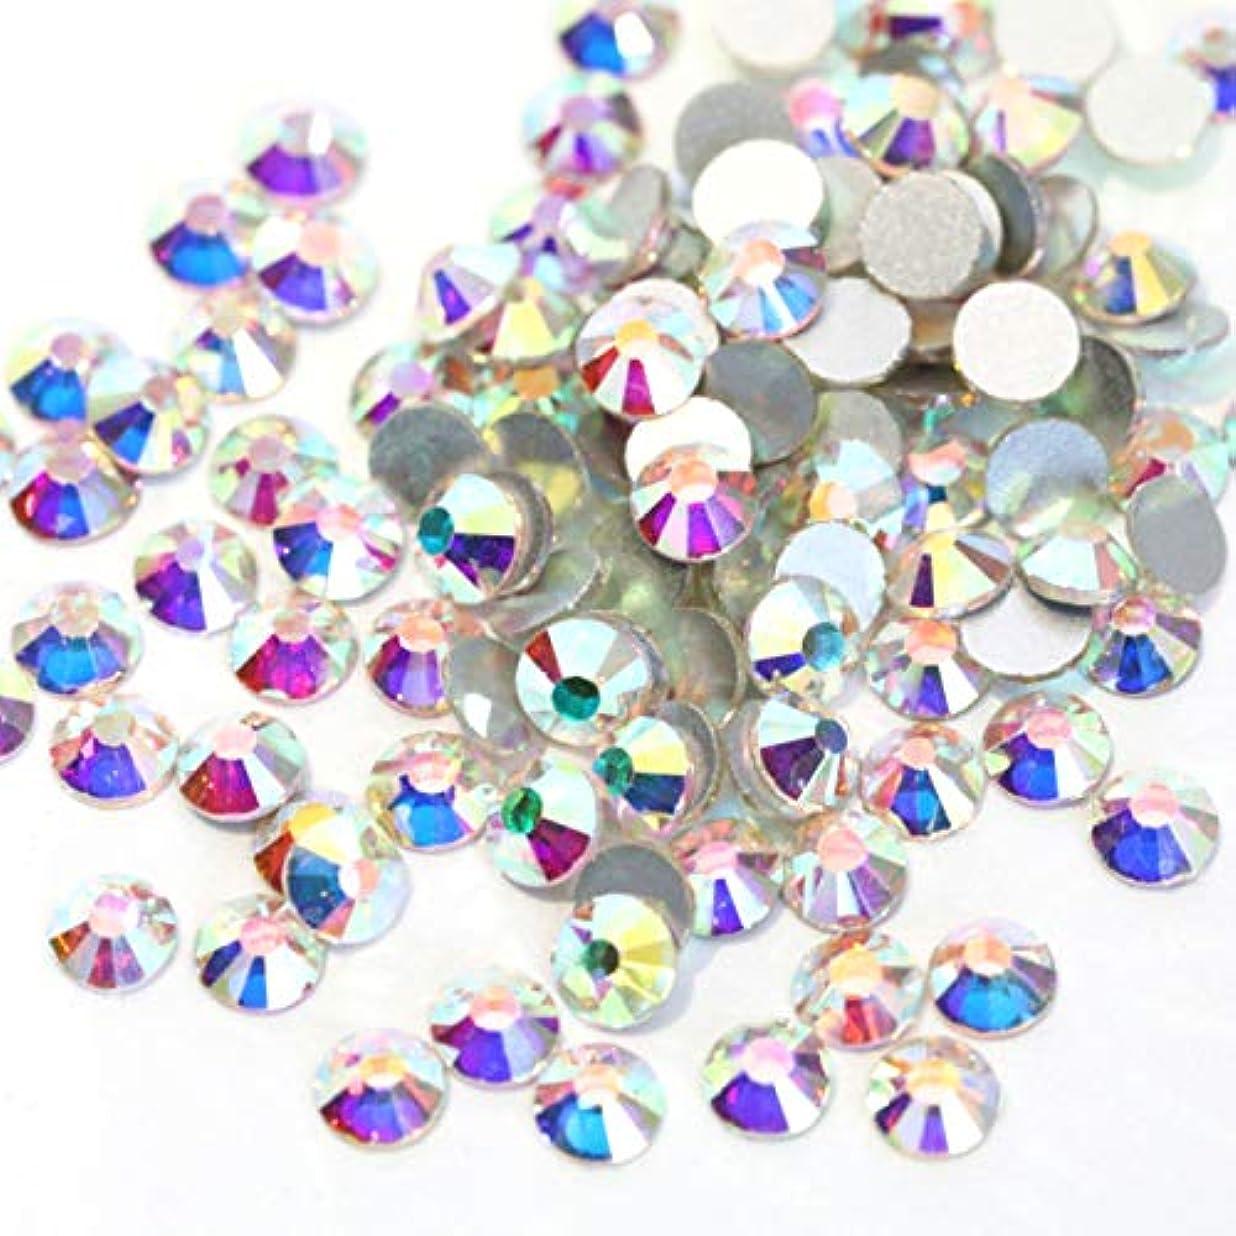 銀段階役立つ【ラインストーン77】高品質ガラス製ラインストーン 色/サイズ選択可 SS3~SS50 (オーロラクリスタル, SS16:約4.0mm(約1440粒))